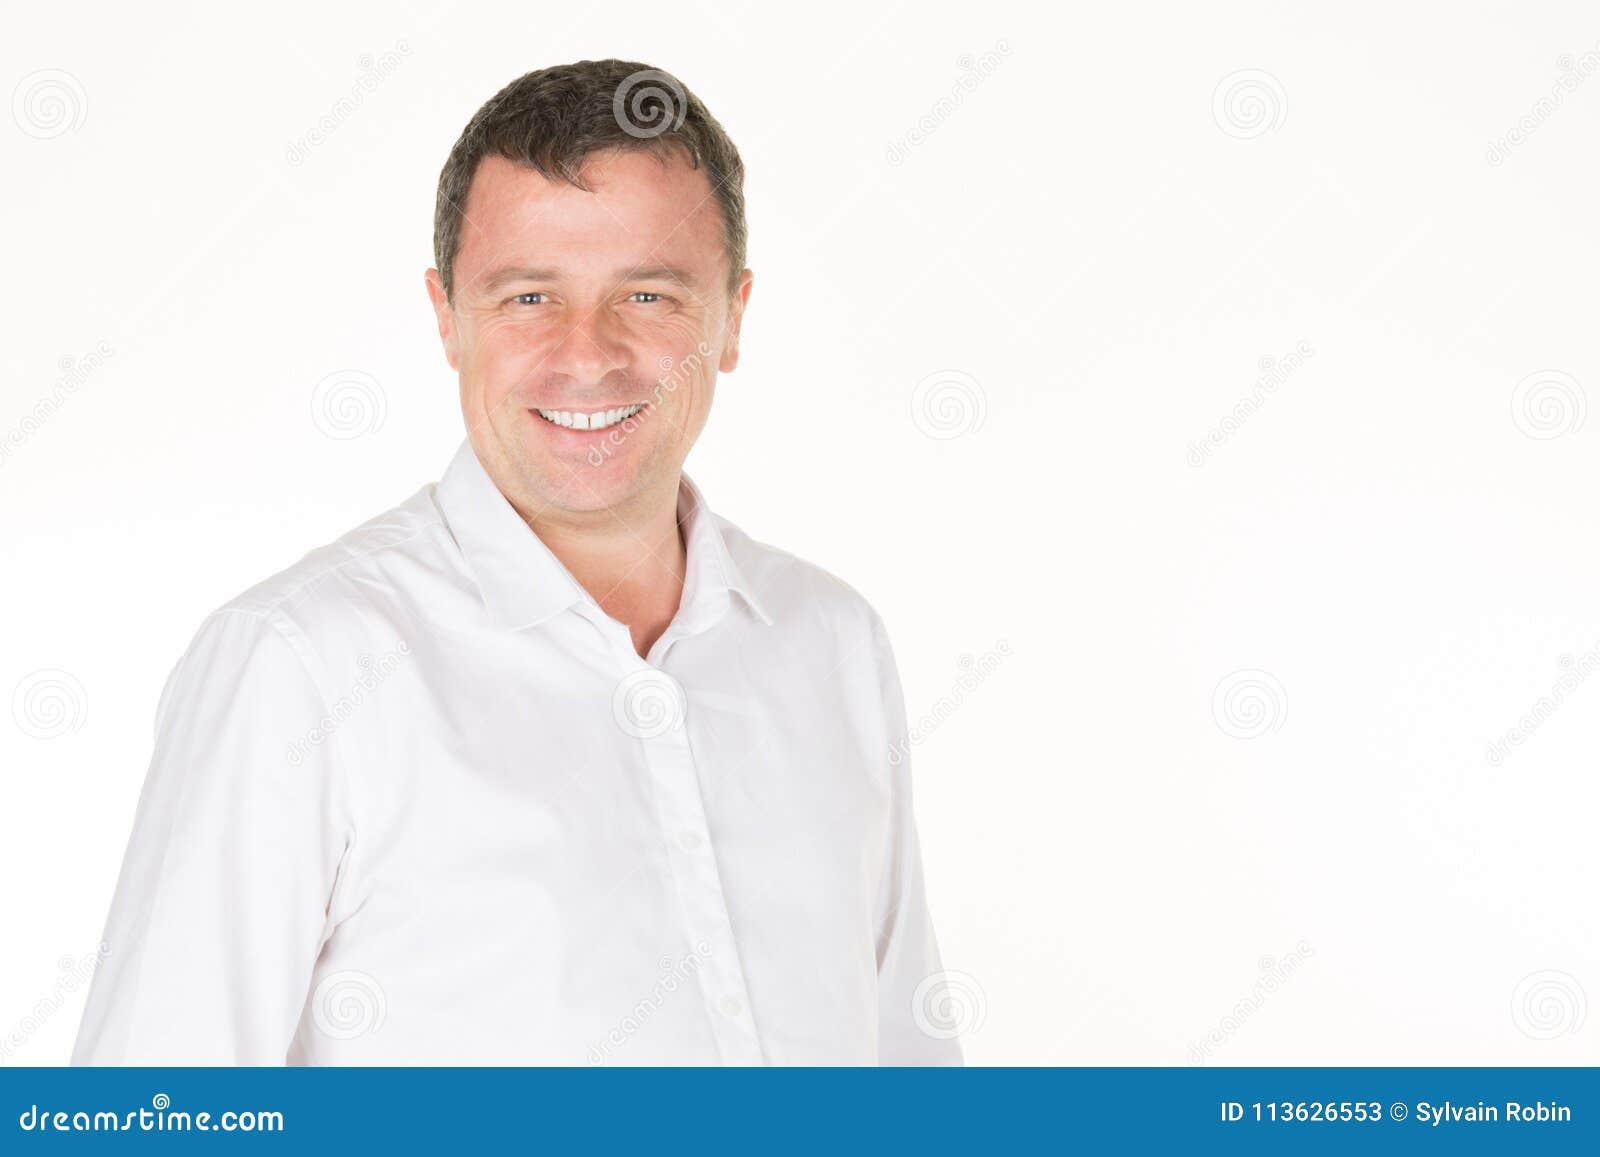 Moyen La Chemise Blanc Stock Âge De Hommes Dans L'homme Image dBoexrCW